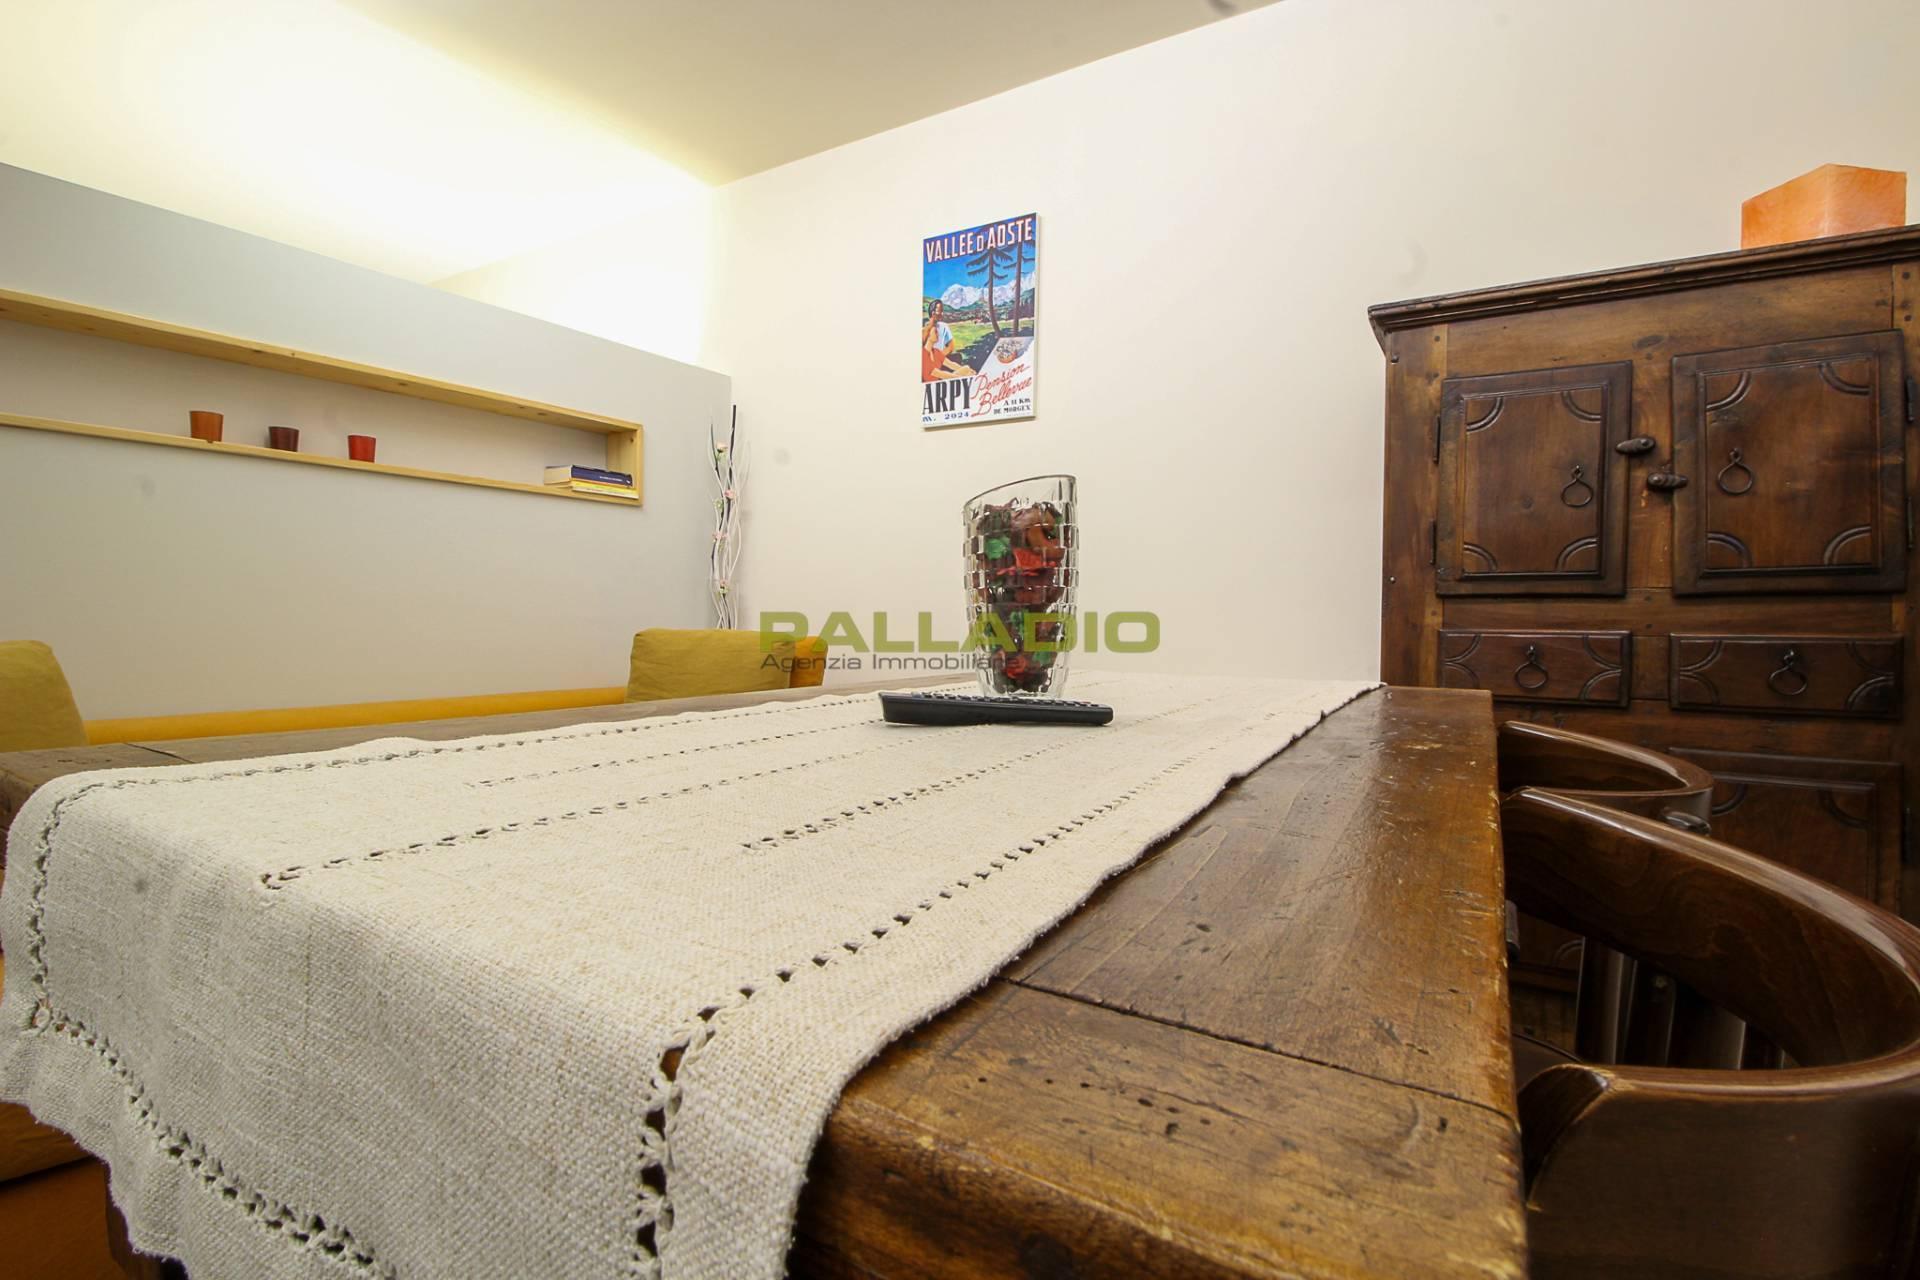 Appartamento in vendita a Aosta, 2 locali, zona Zona: Centro, prezzo € 120.000   CambioCasa.it